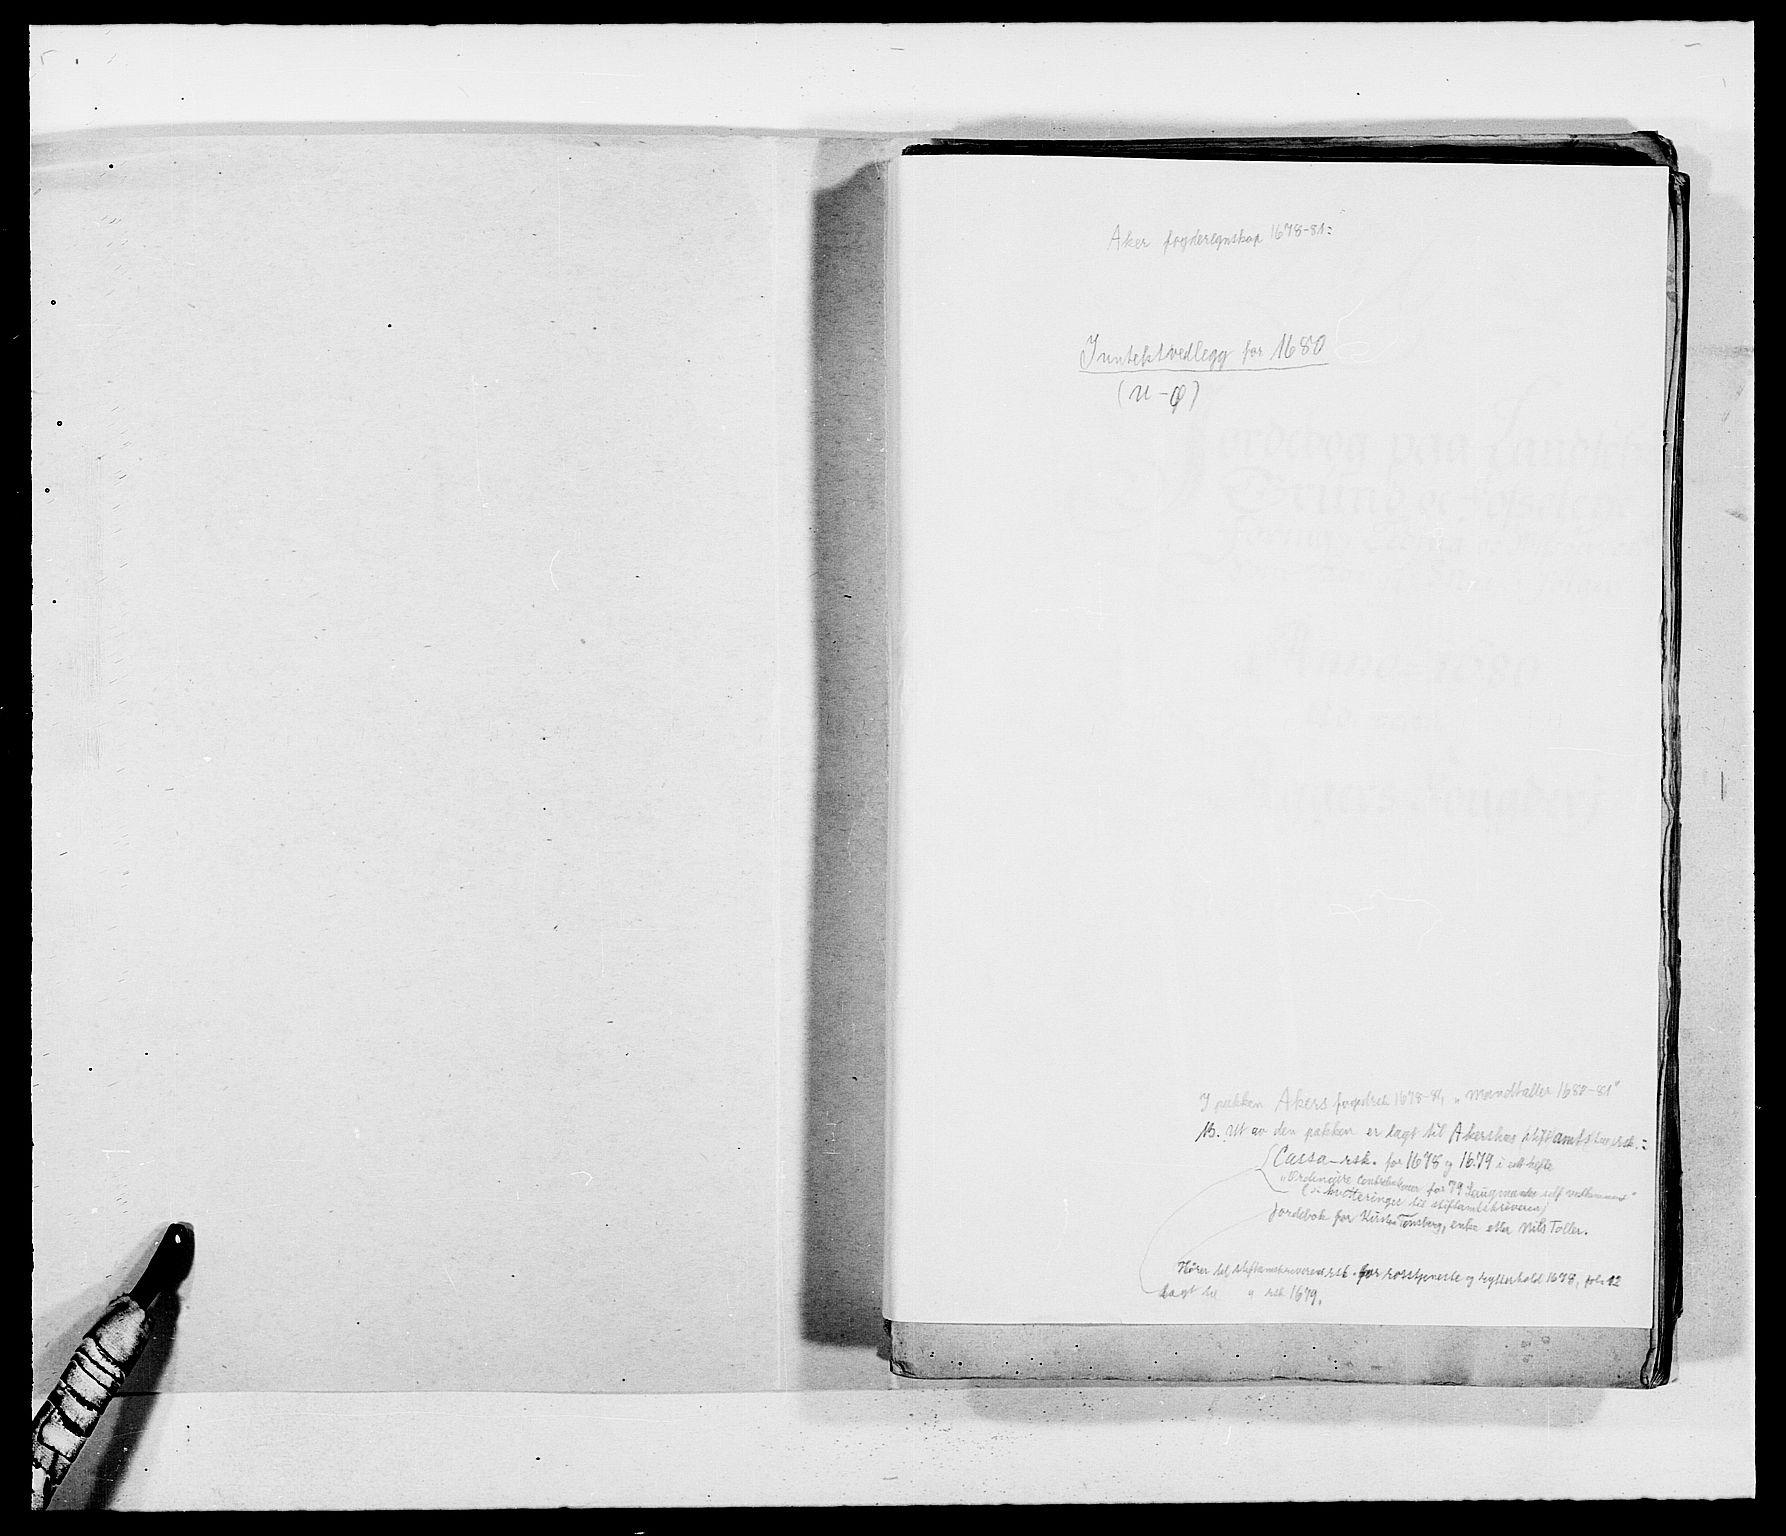 RA, Rentekammeret inntil 1814, Reviderte regnskaper, Fogderegnskap, R08/L0417: Fogderegnskap Aker, 1678-1681, s. 2